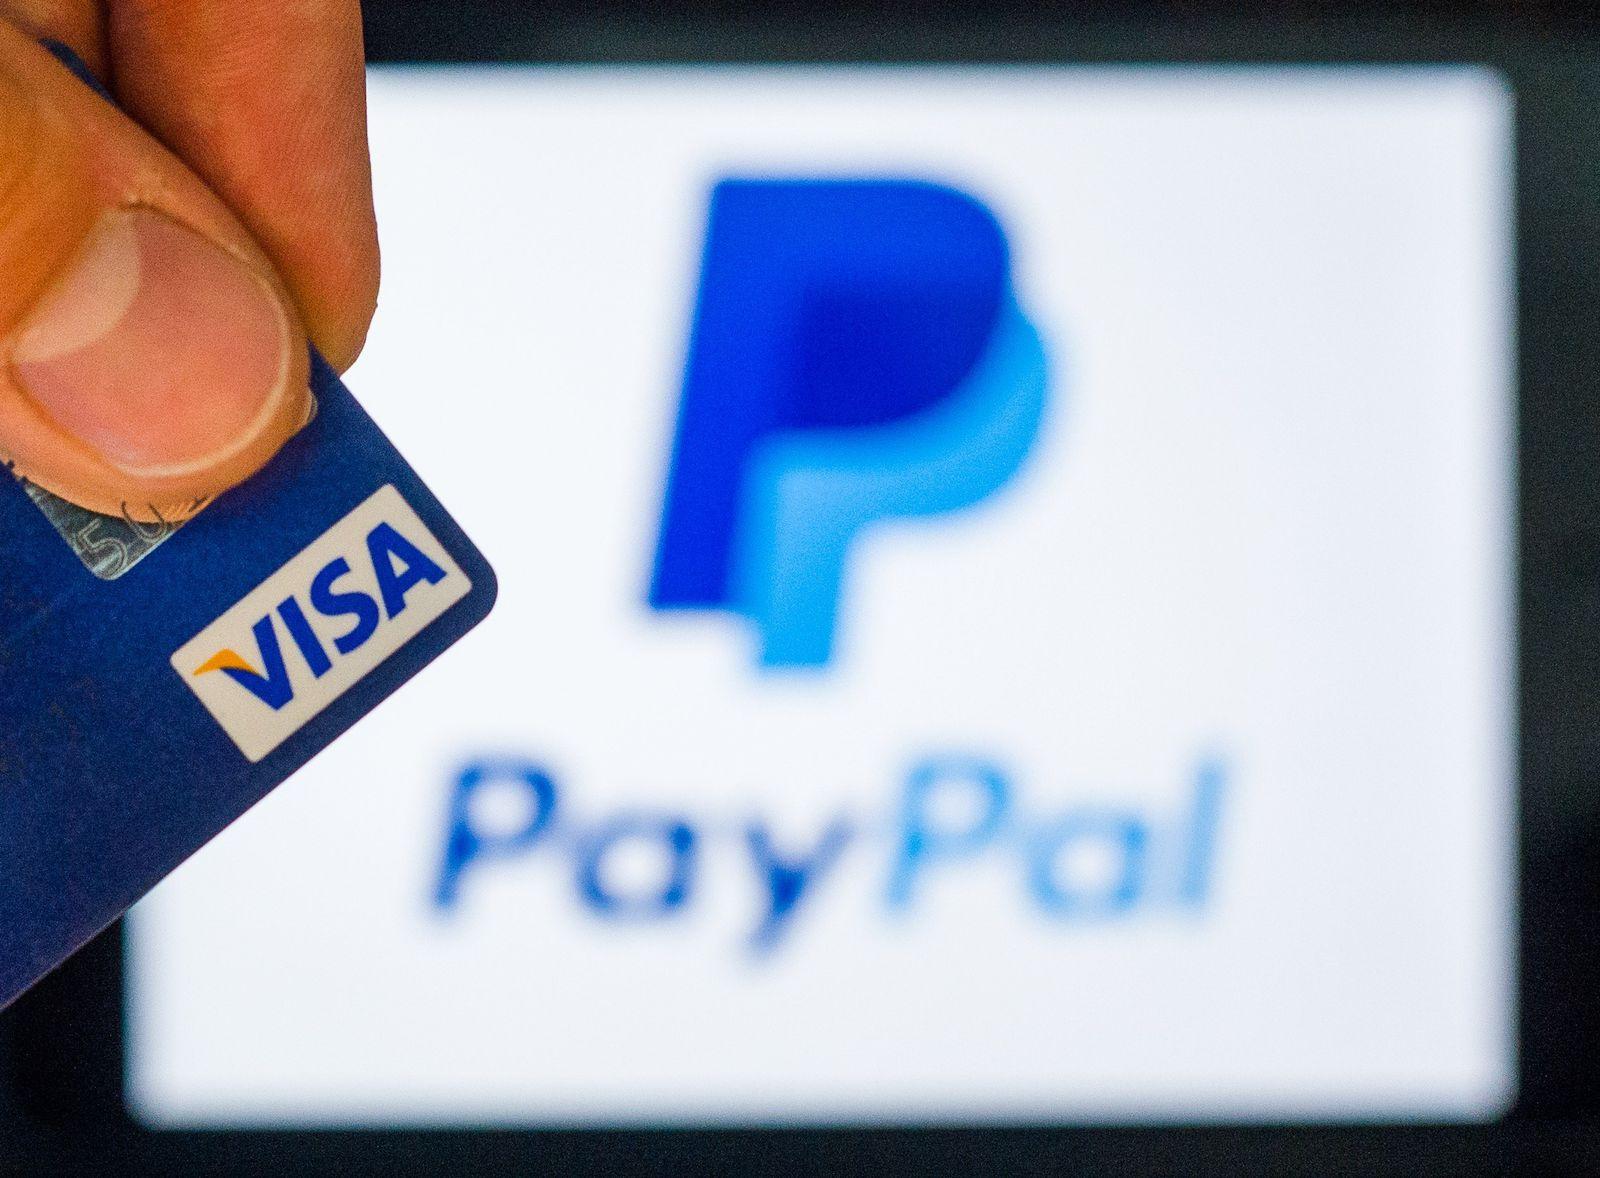 Paypal schließt Partnerschaft mit Visa